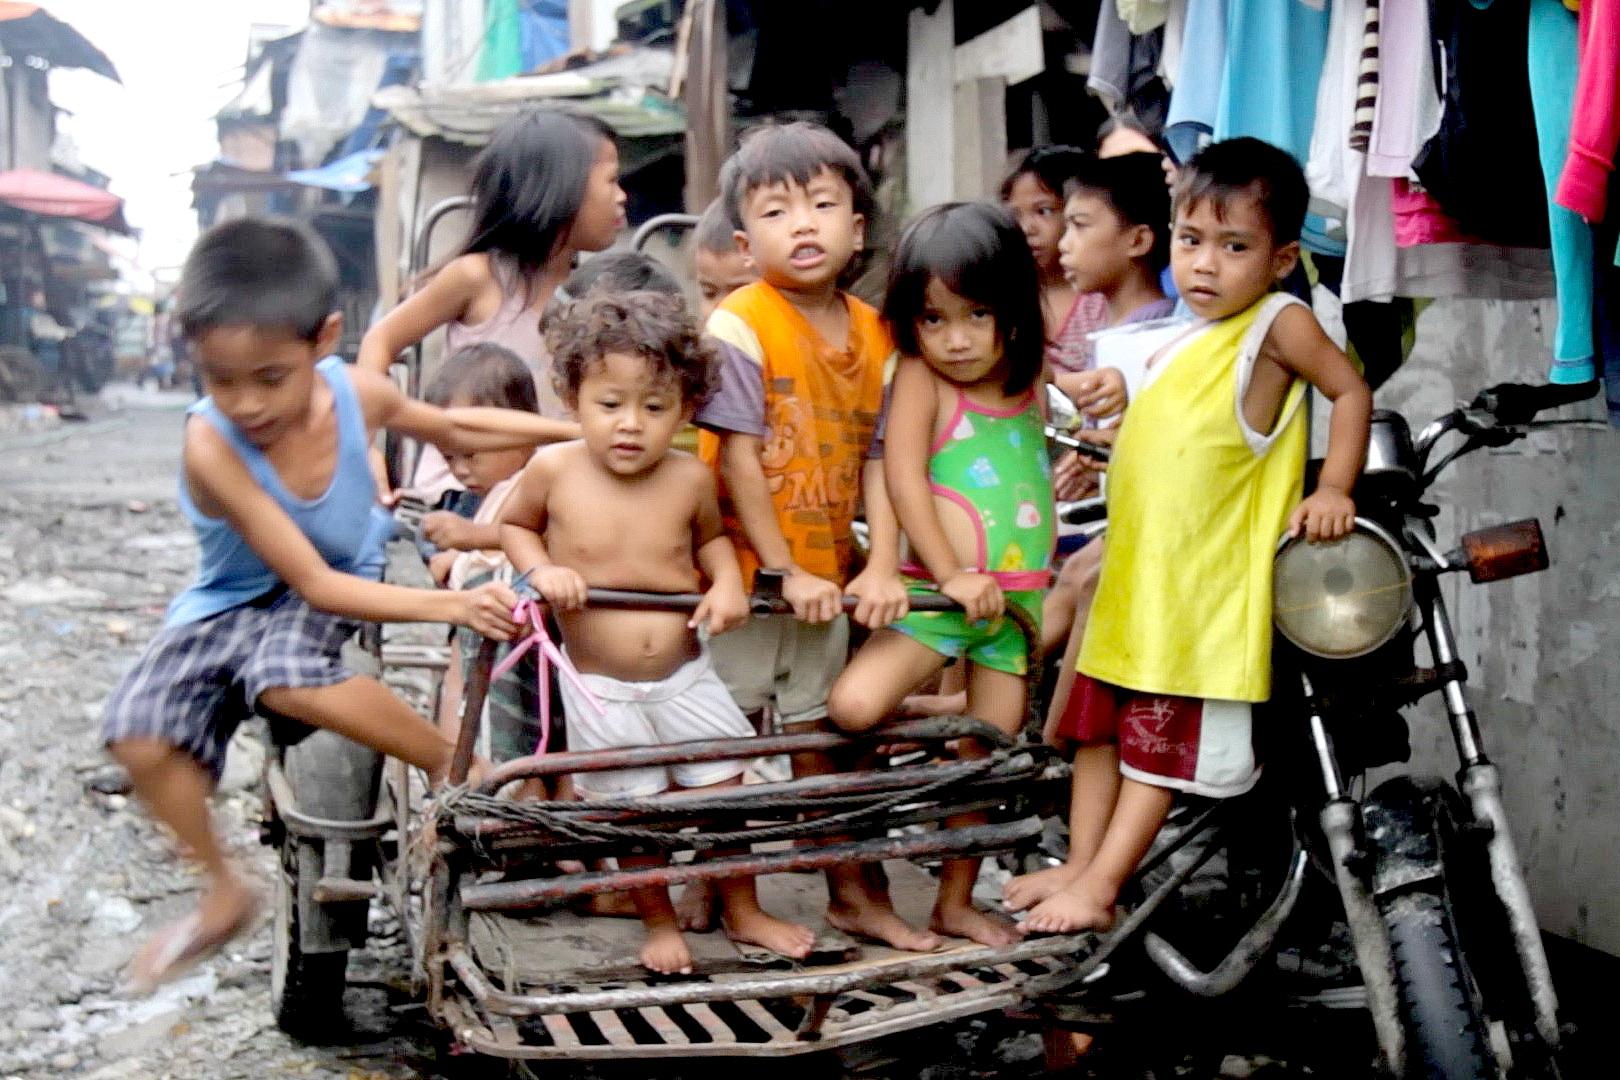 Hình ảnh về trẻ em nghèo đẹp nhất